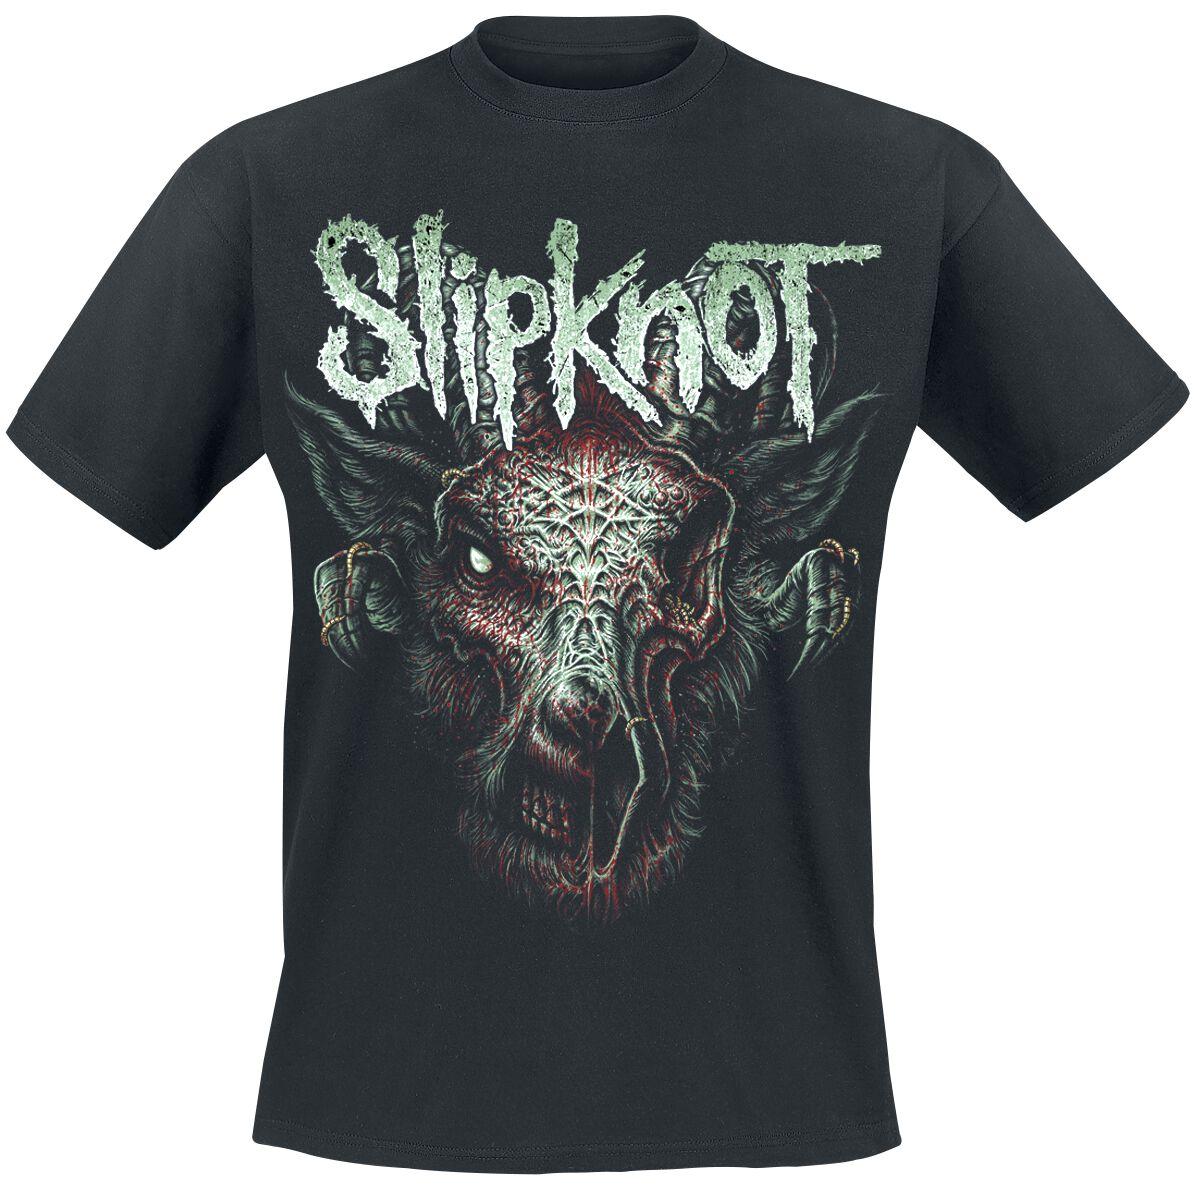 Image of   Slipknot Infected Goat T-Shirt sort